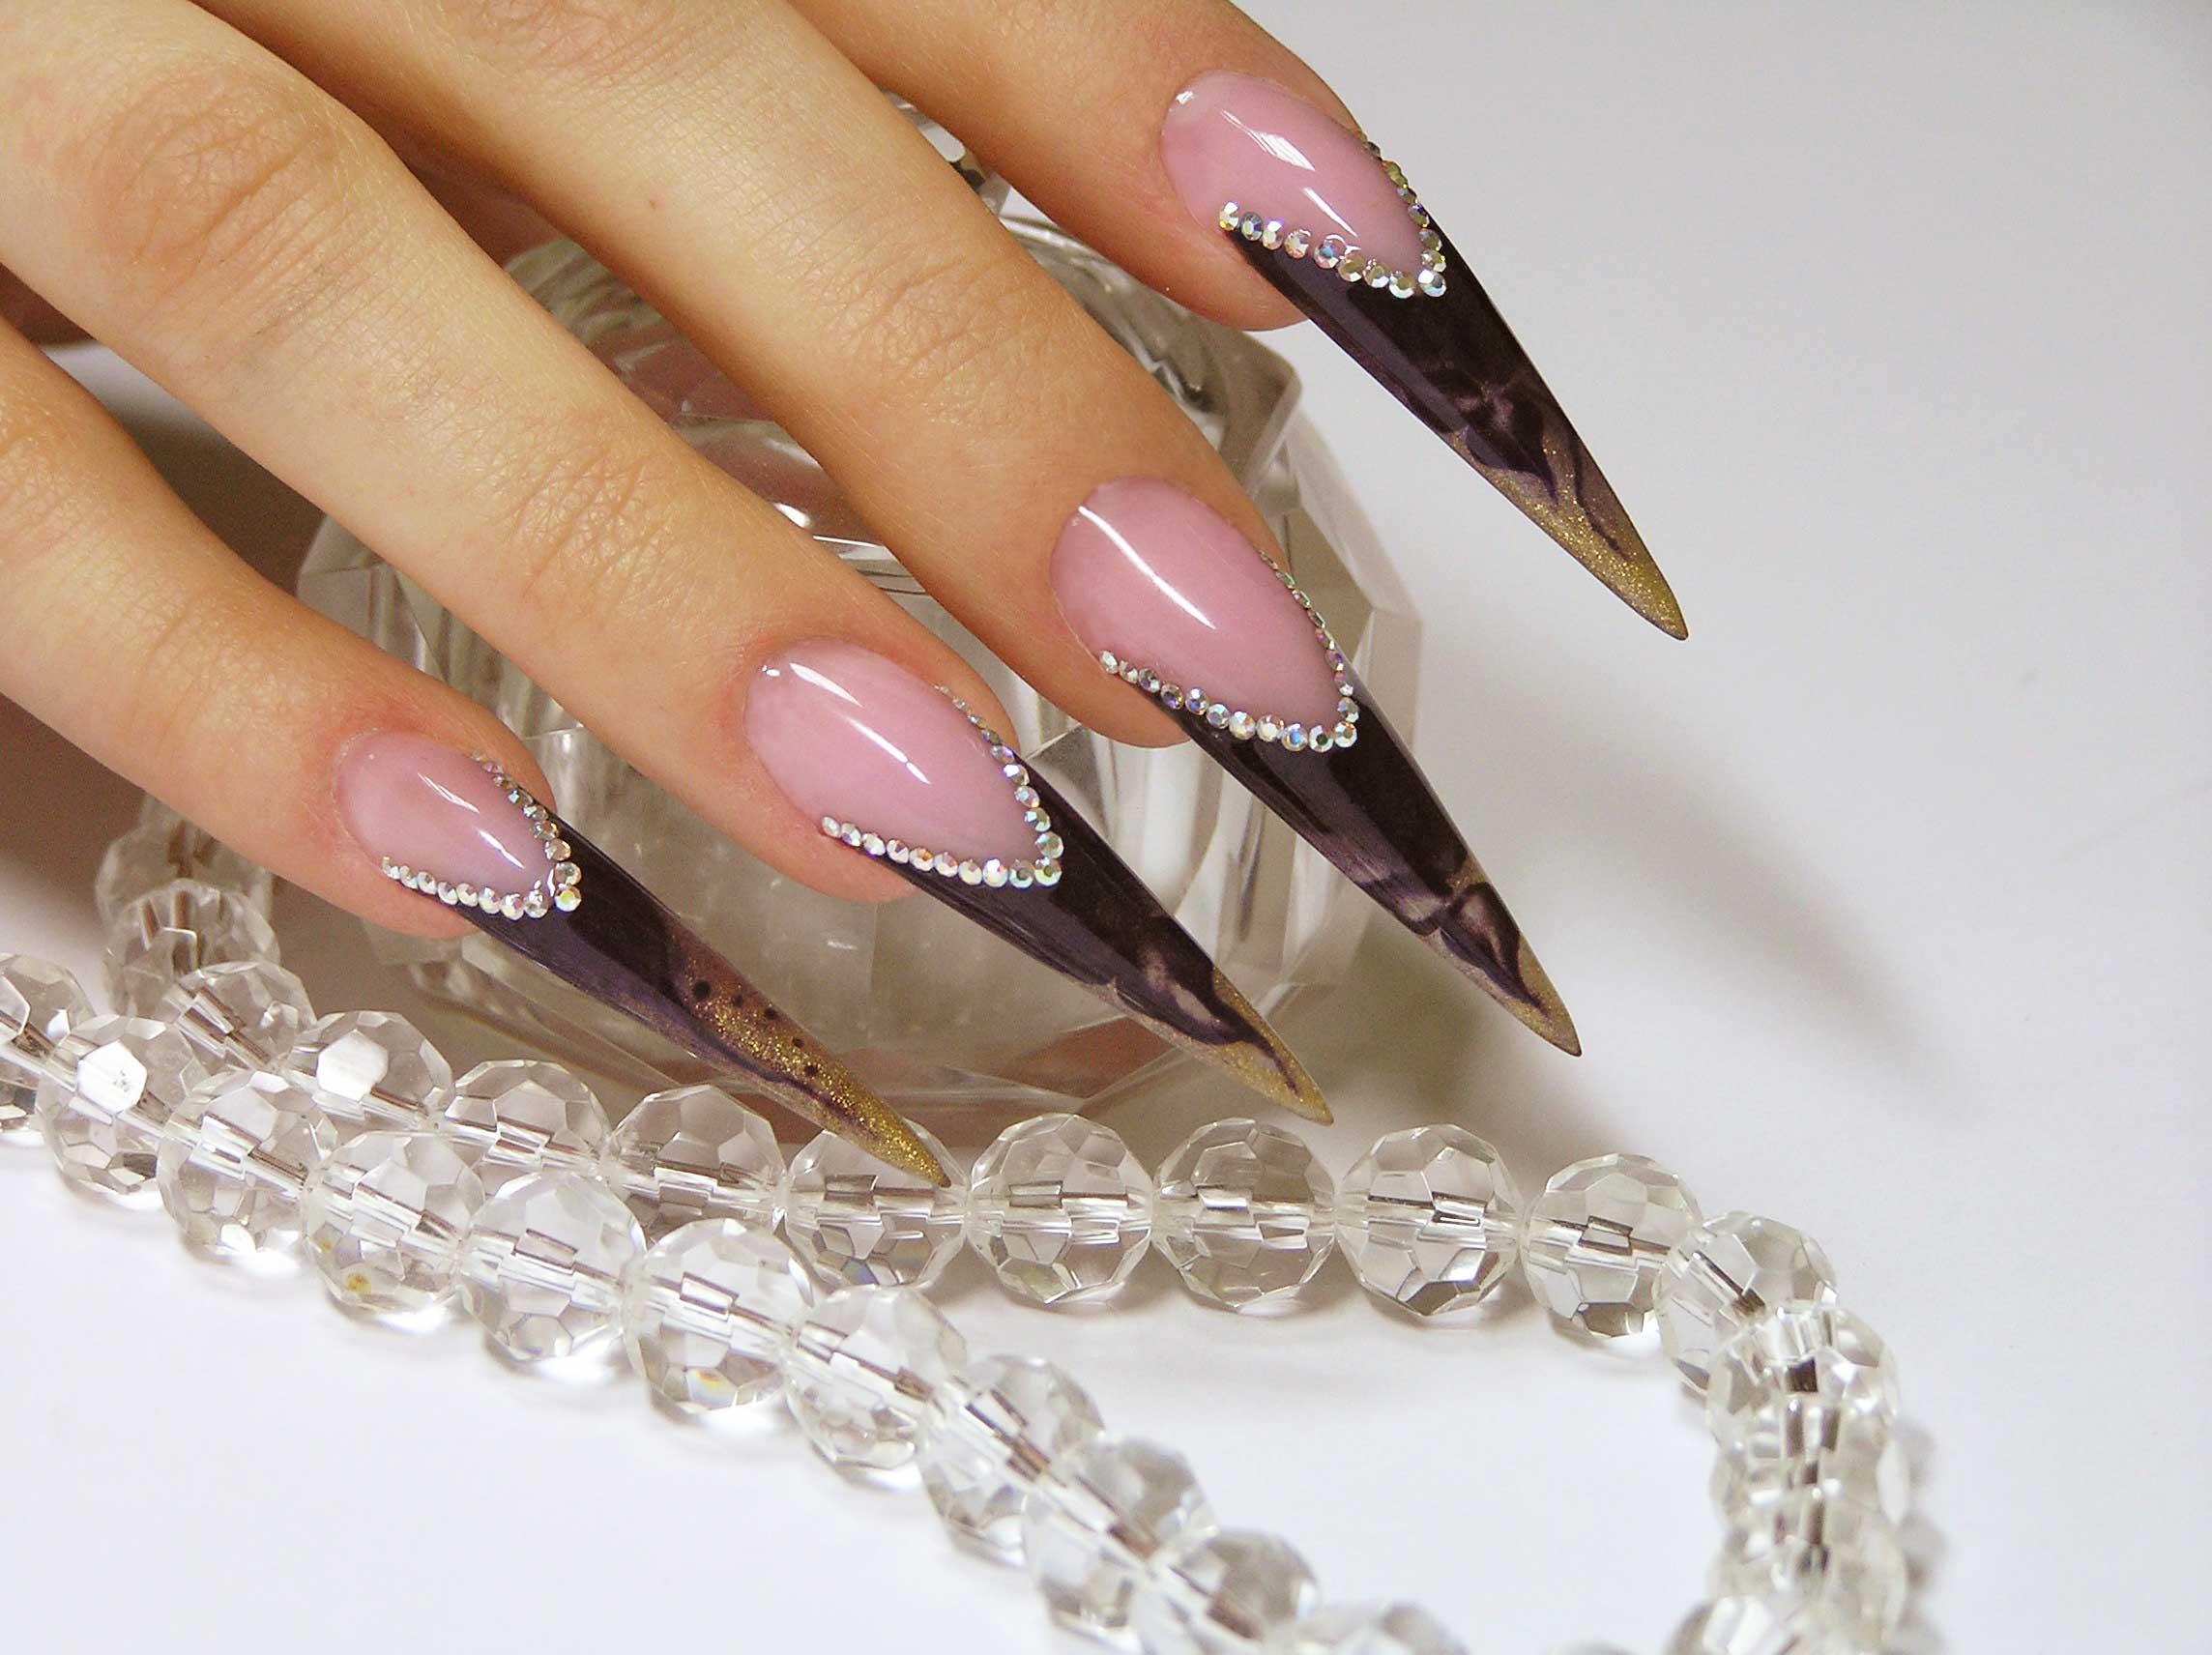 фото ногти стилеты дизайн фото